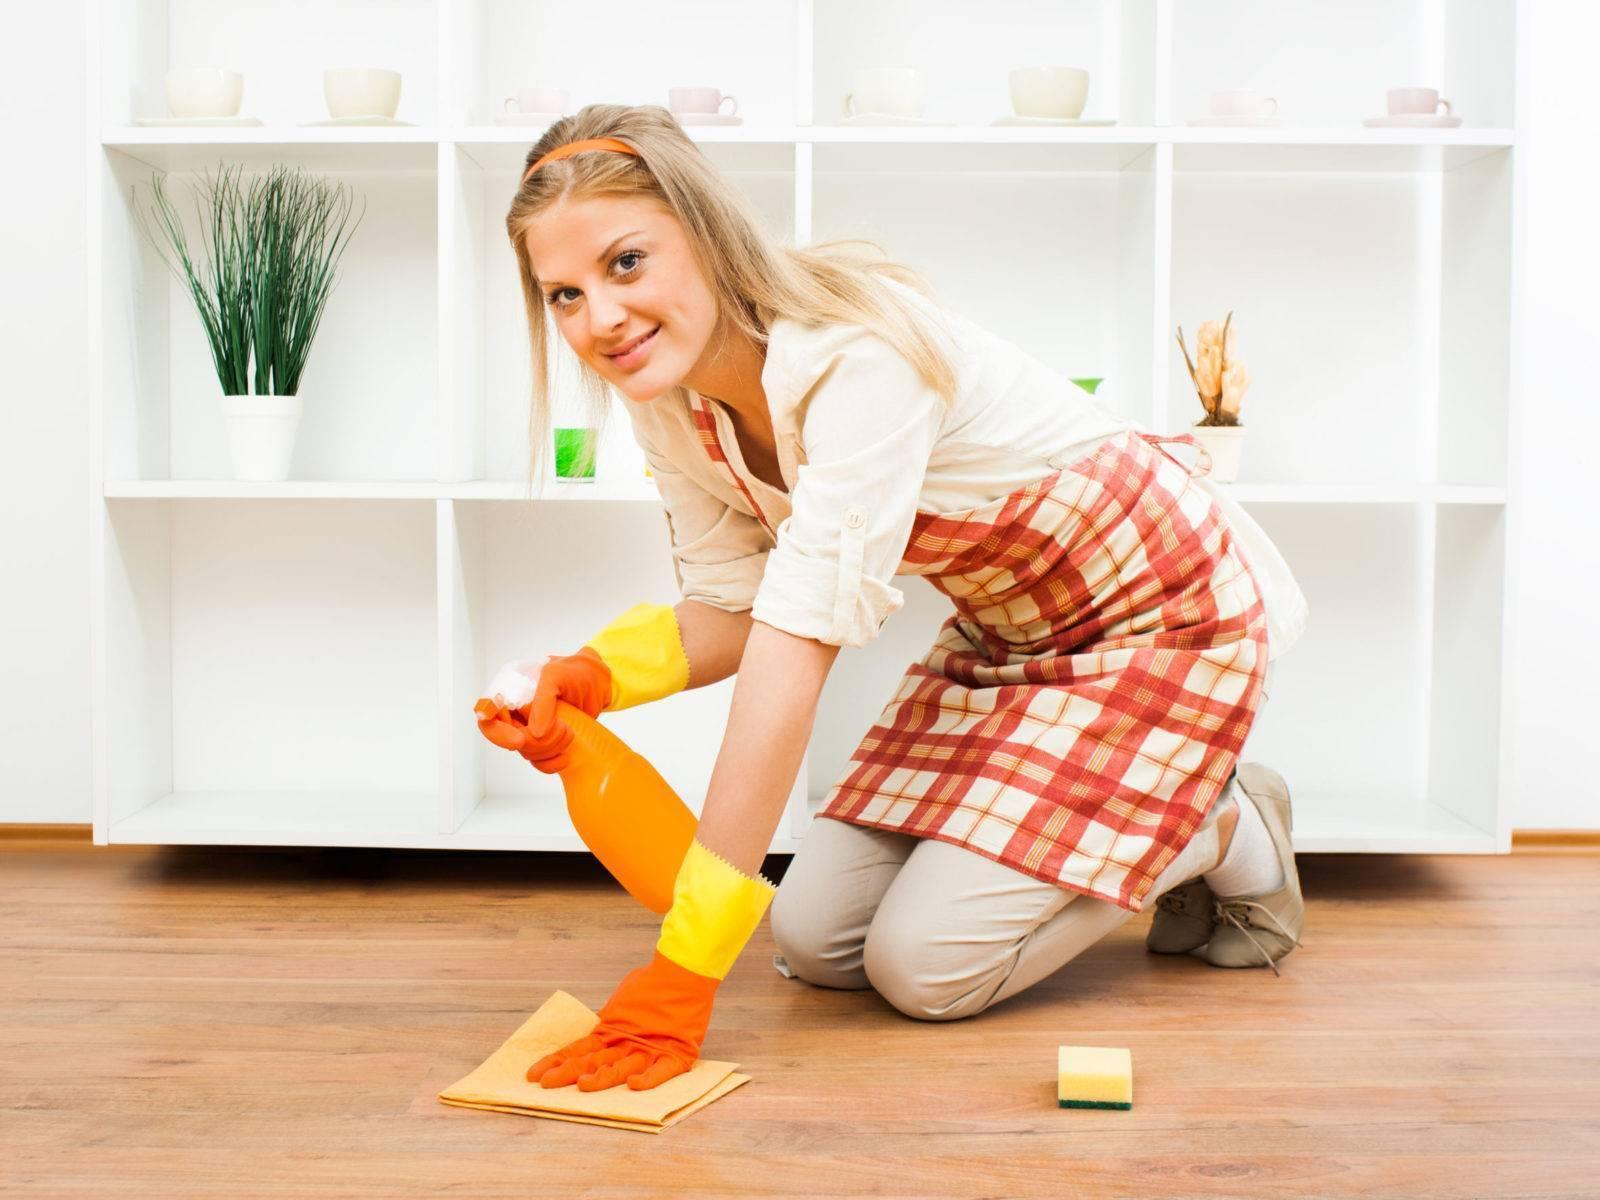 Правильная уборка в доме: правила и полезные советы